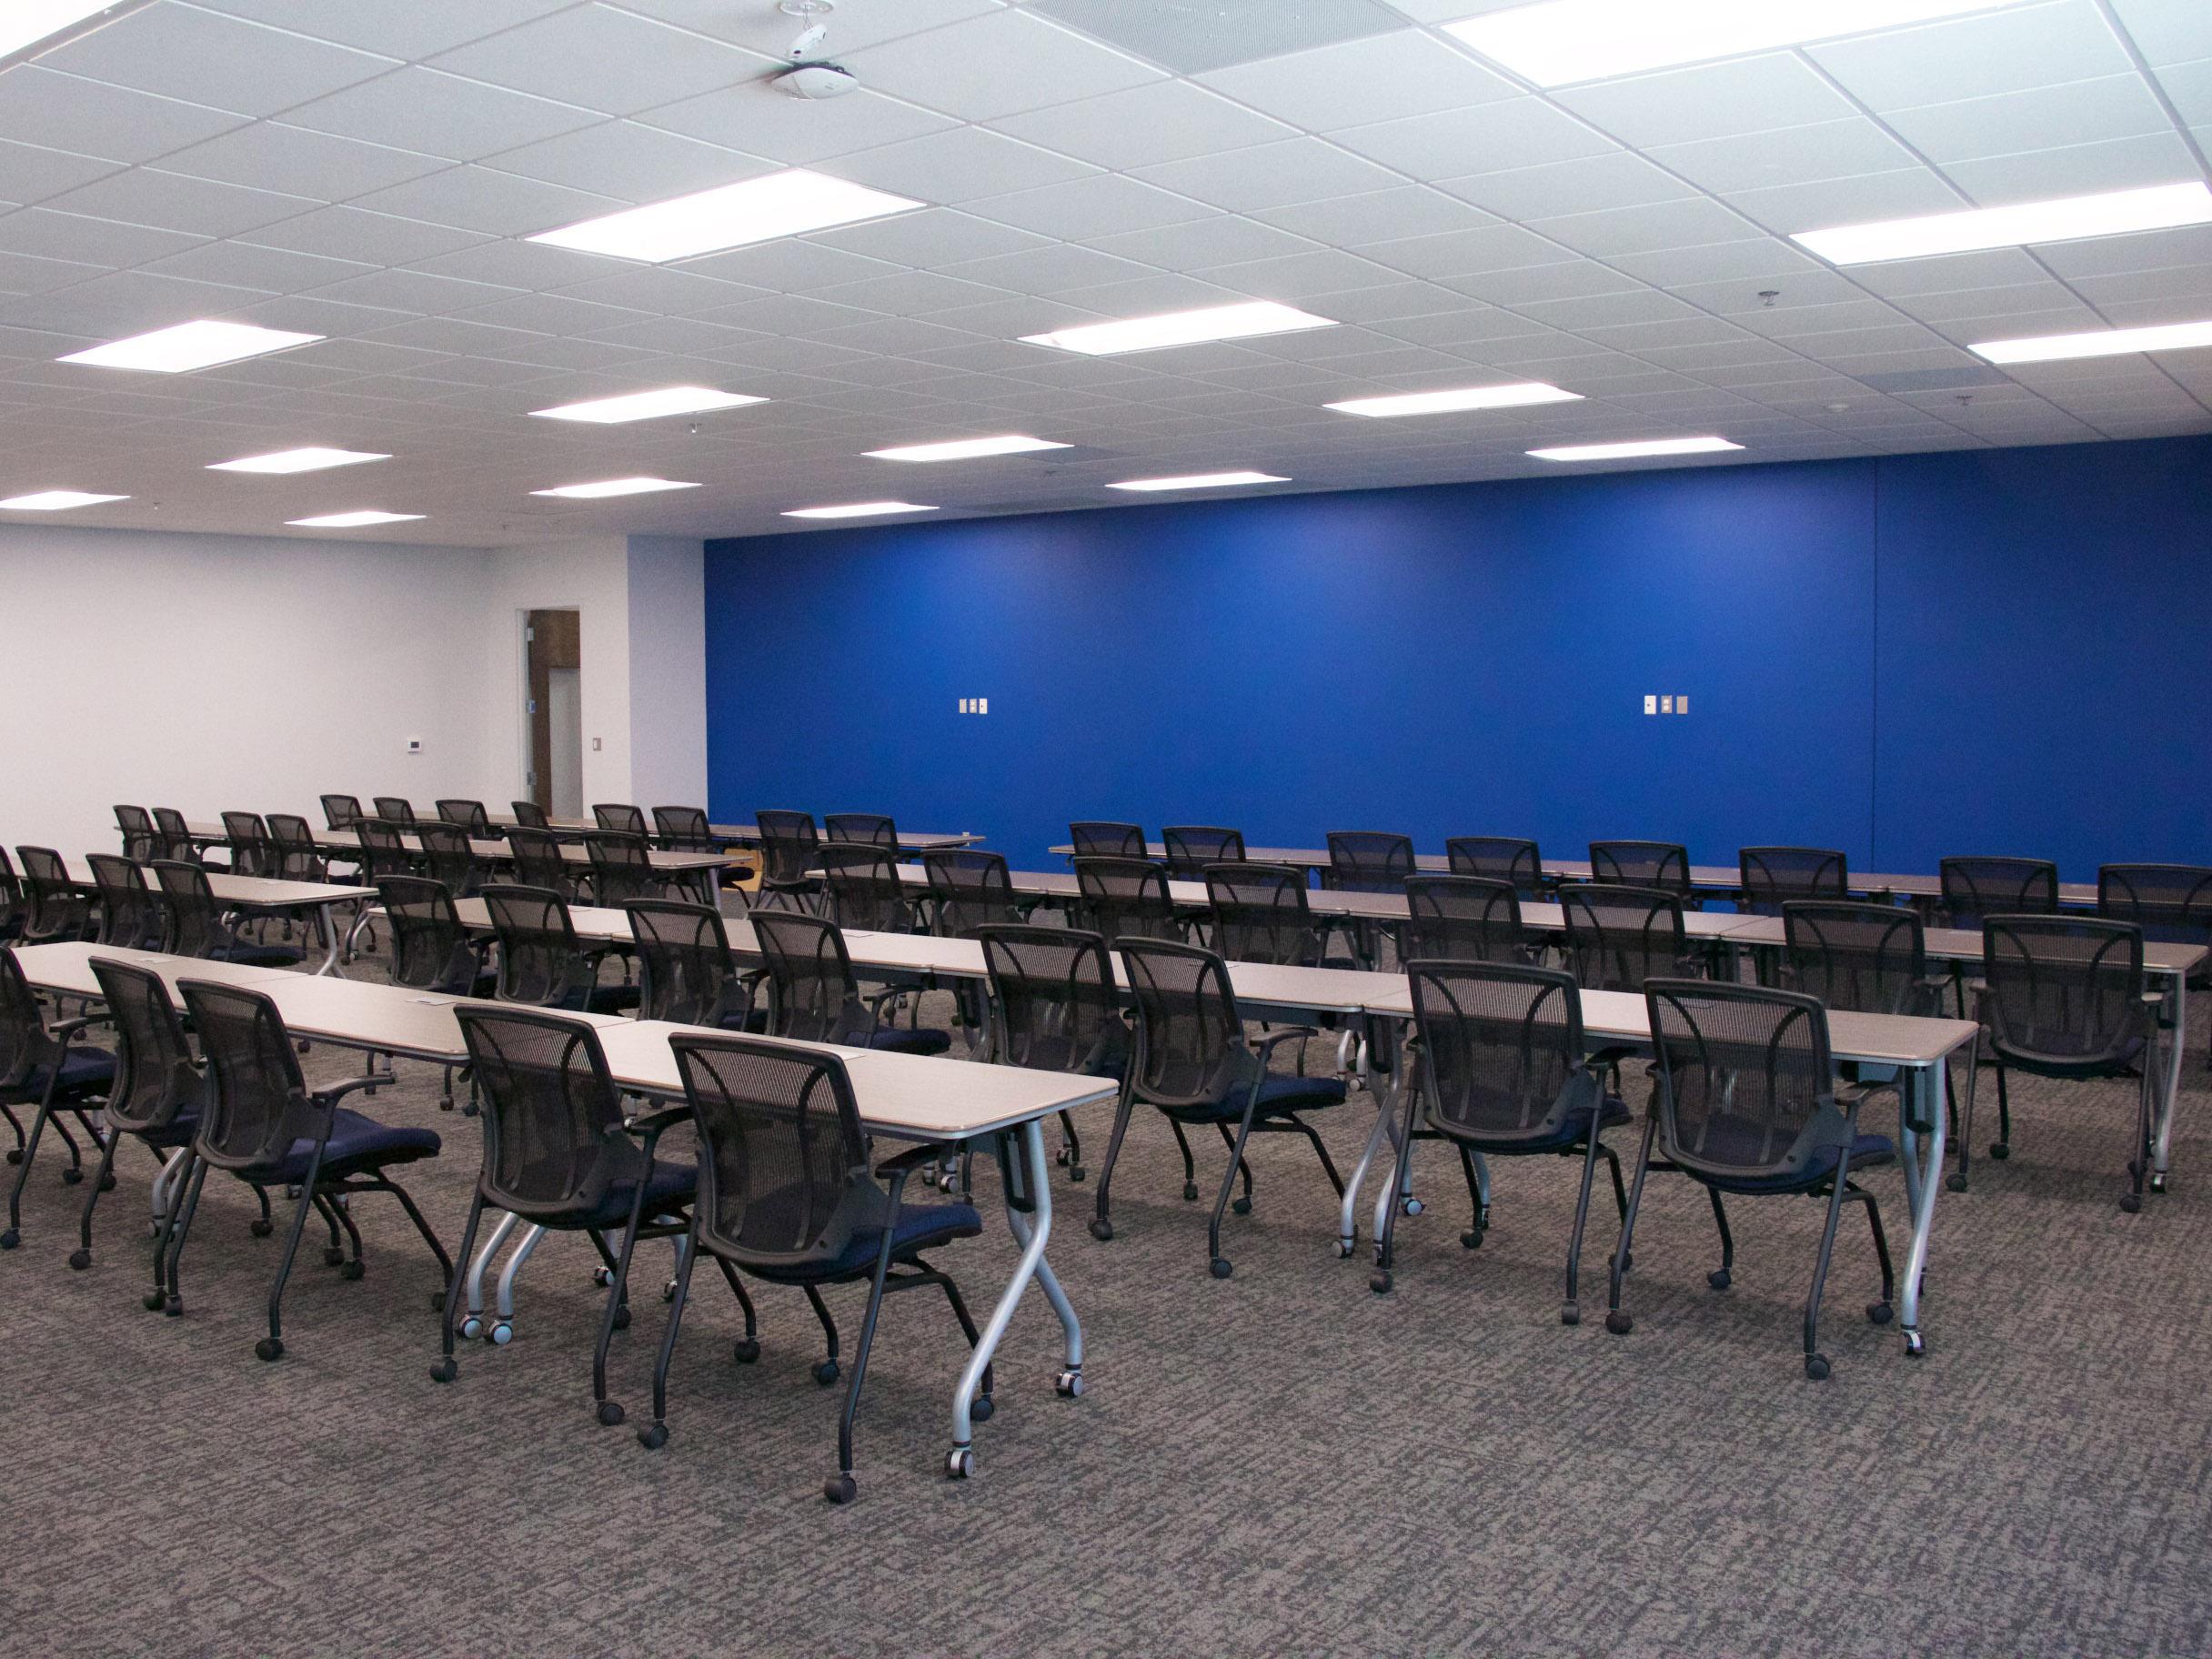 Avante Health Solutions NC auditorium 2